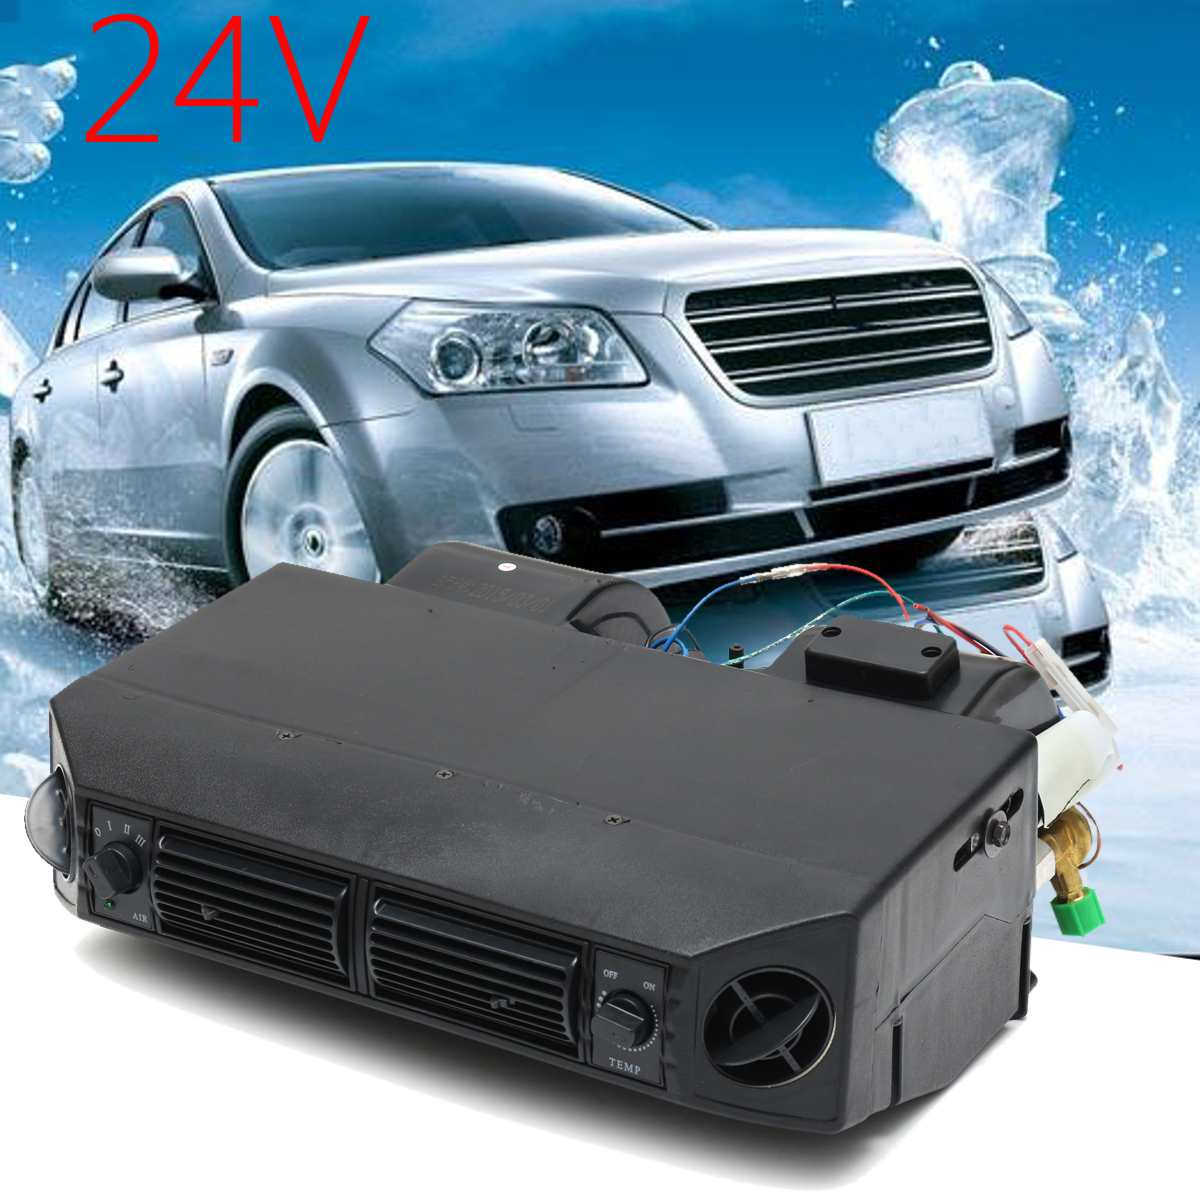 Condicionador de ar universal 24 volts ac evaporador unidade de montagem para o músculo clássico vintage caminhão carro trator van captador